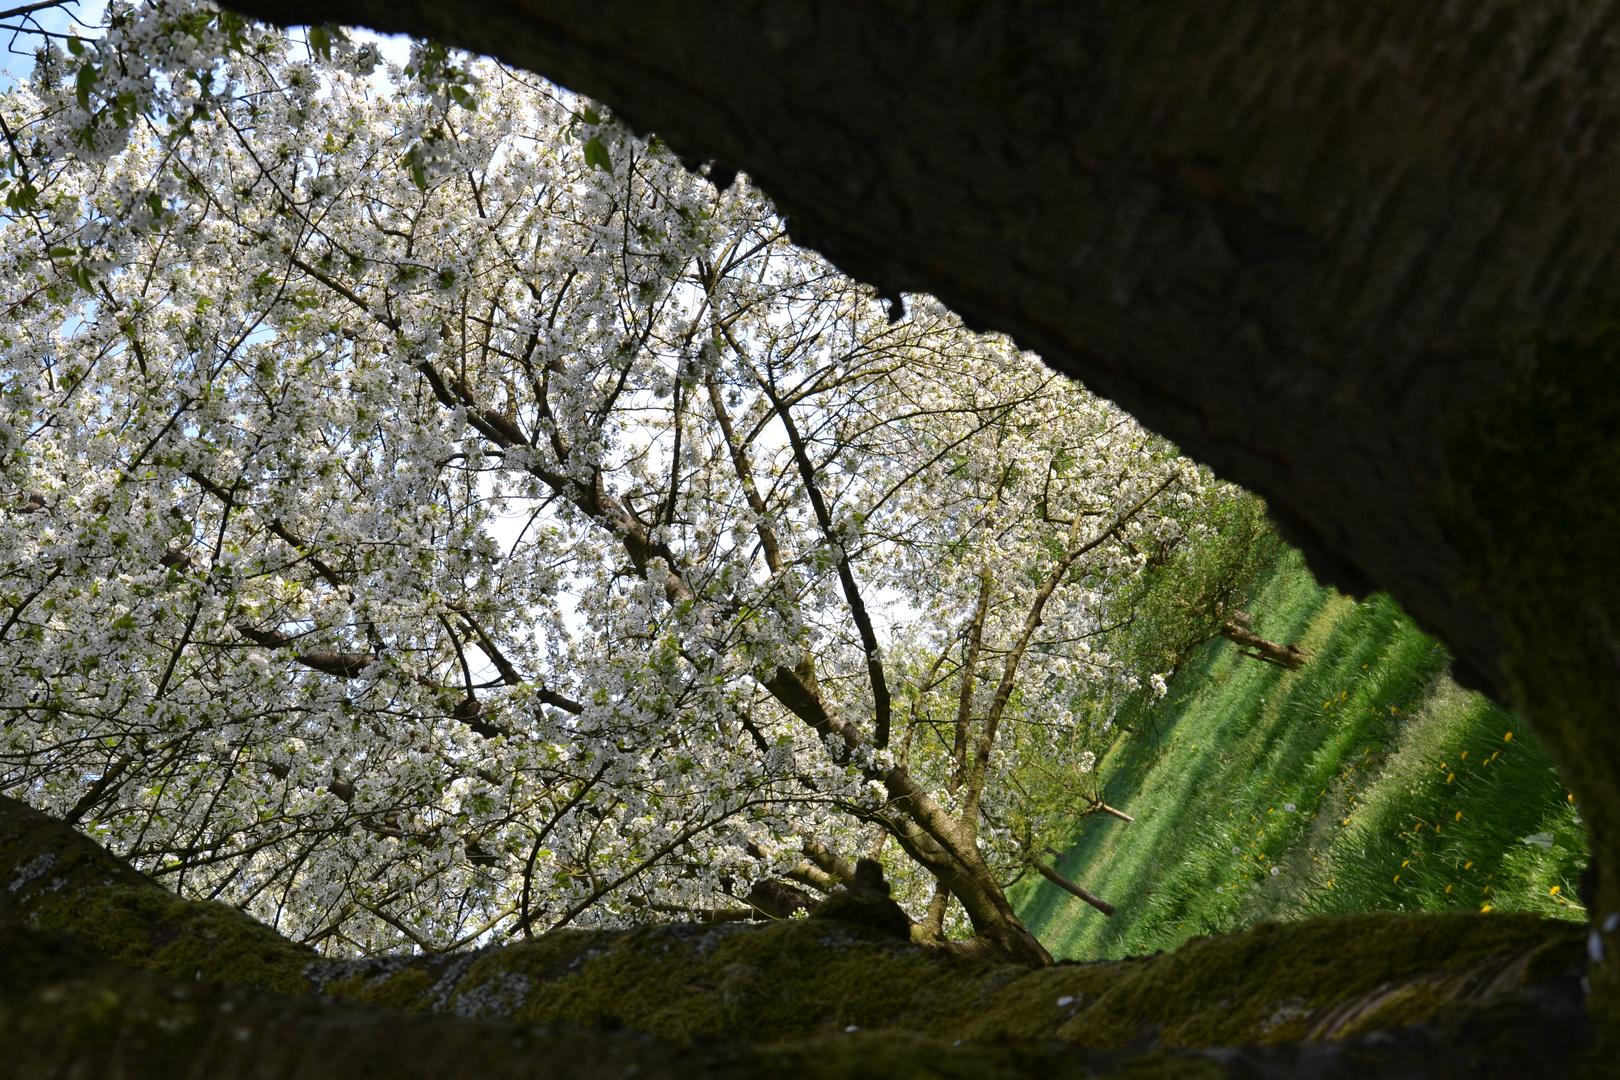 Durchblick zur Kirschbaumblüte